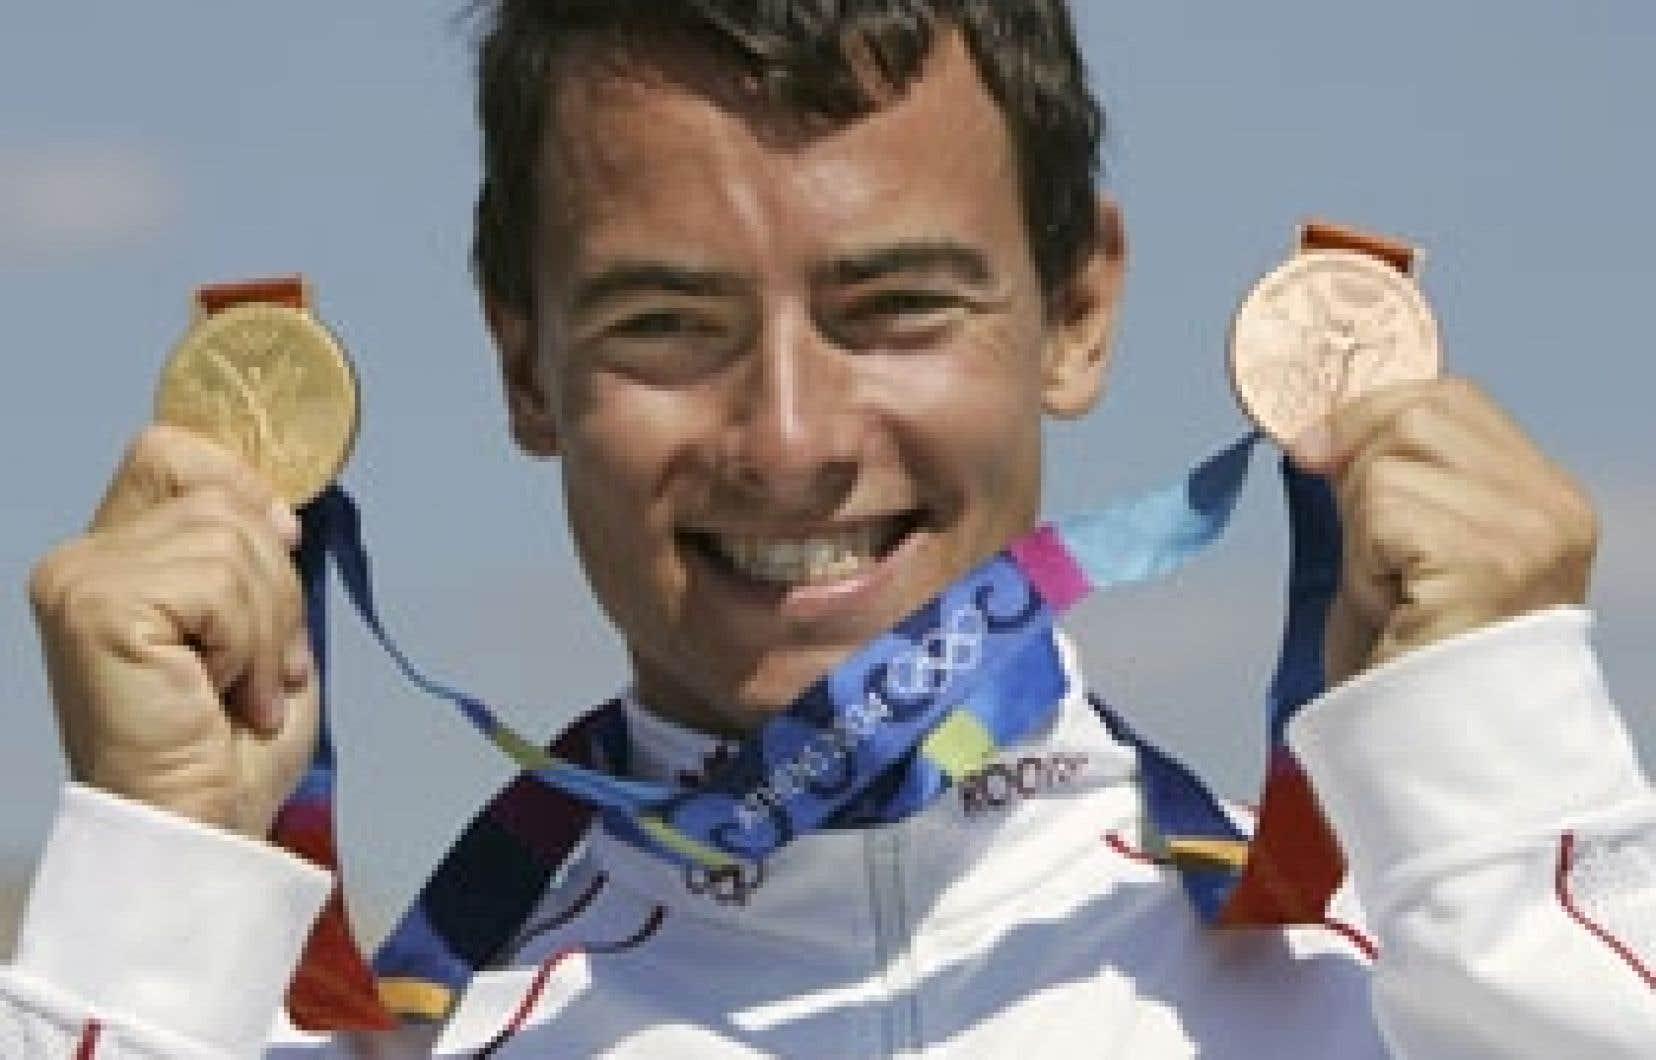 Jeux olympiques de p kin van koeverden sera la t te de la d l gation canadienne de 331 - Coup d eclat 2004 streaming ...